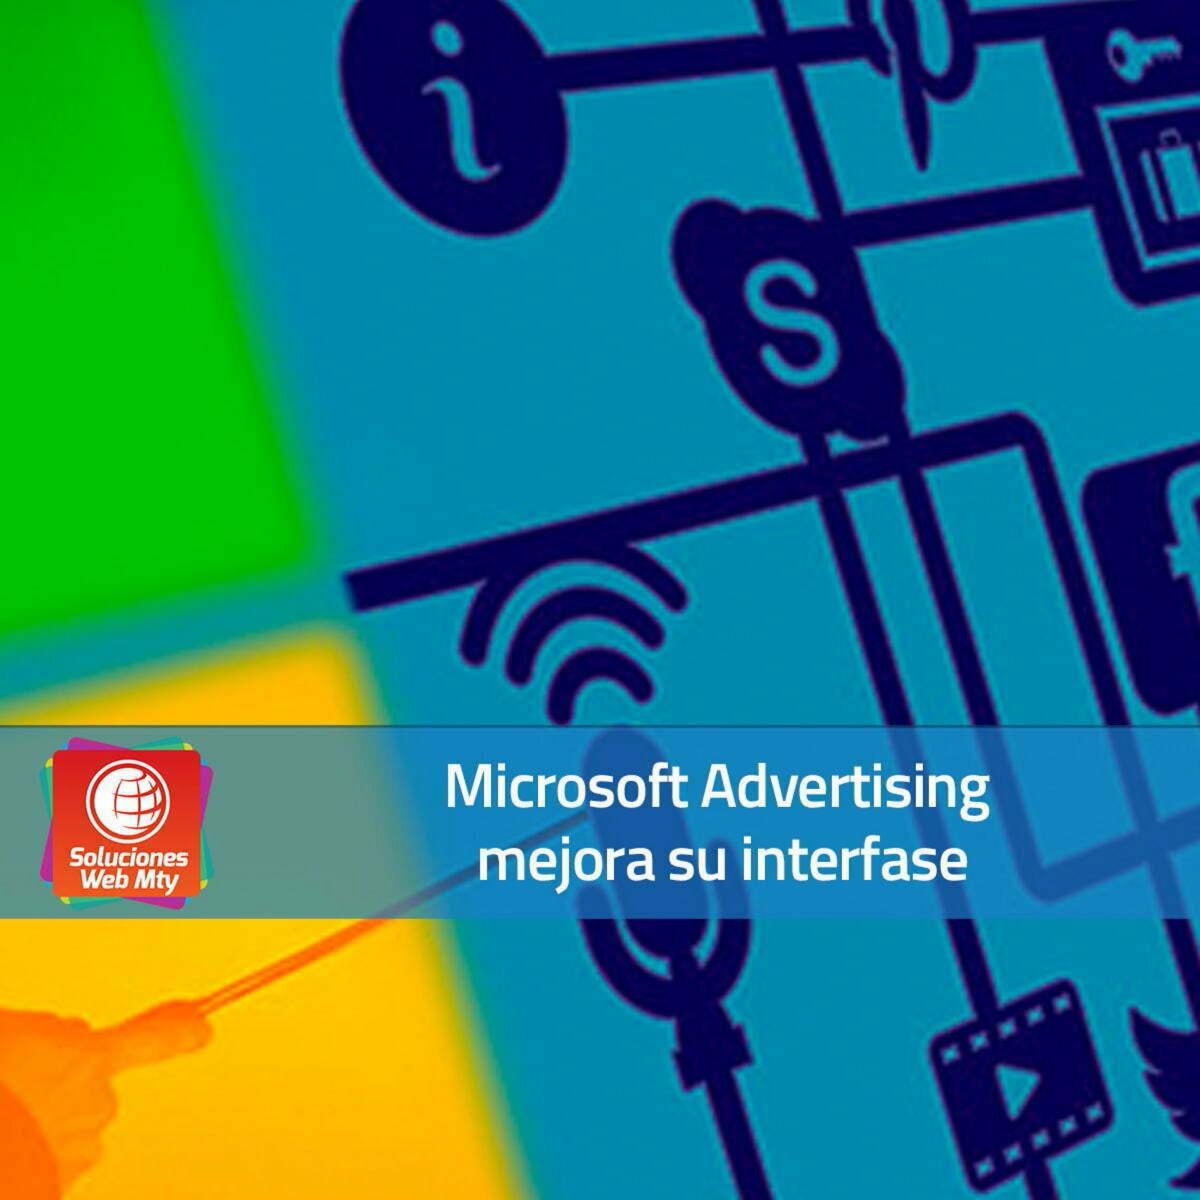 Microsoft Advertising mejora su interfase